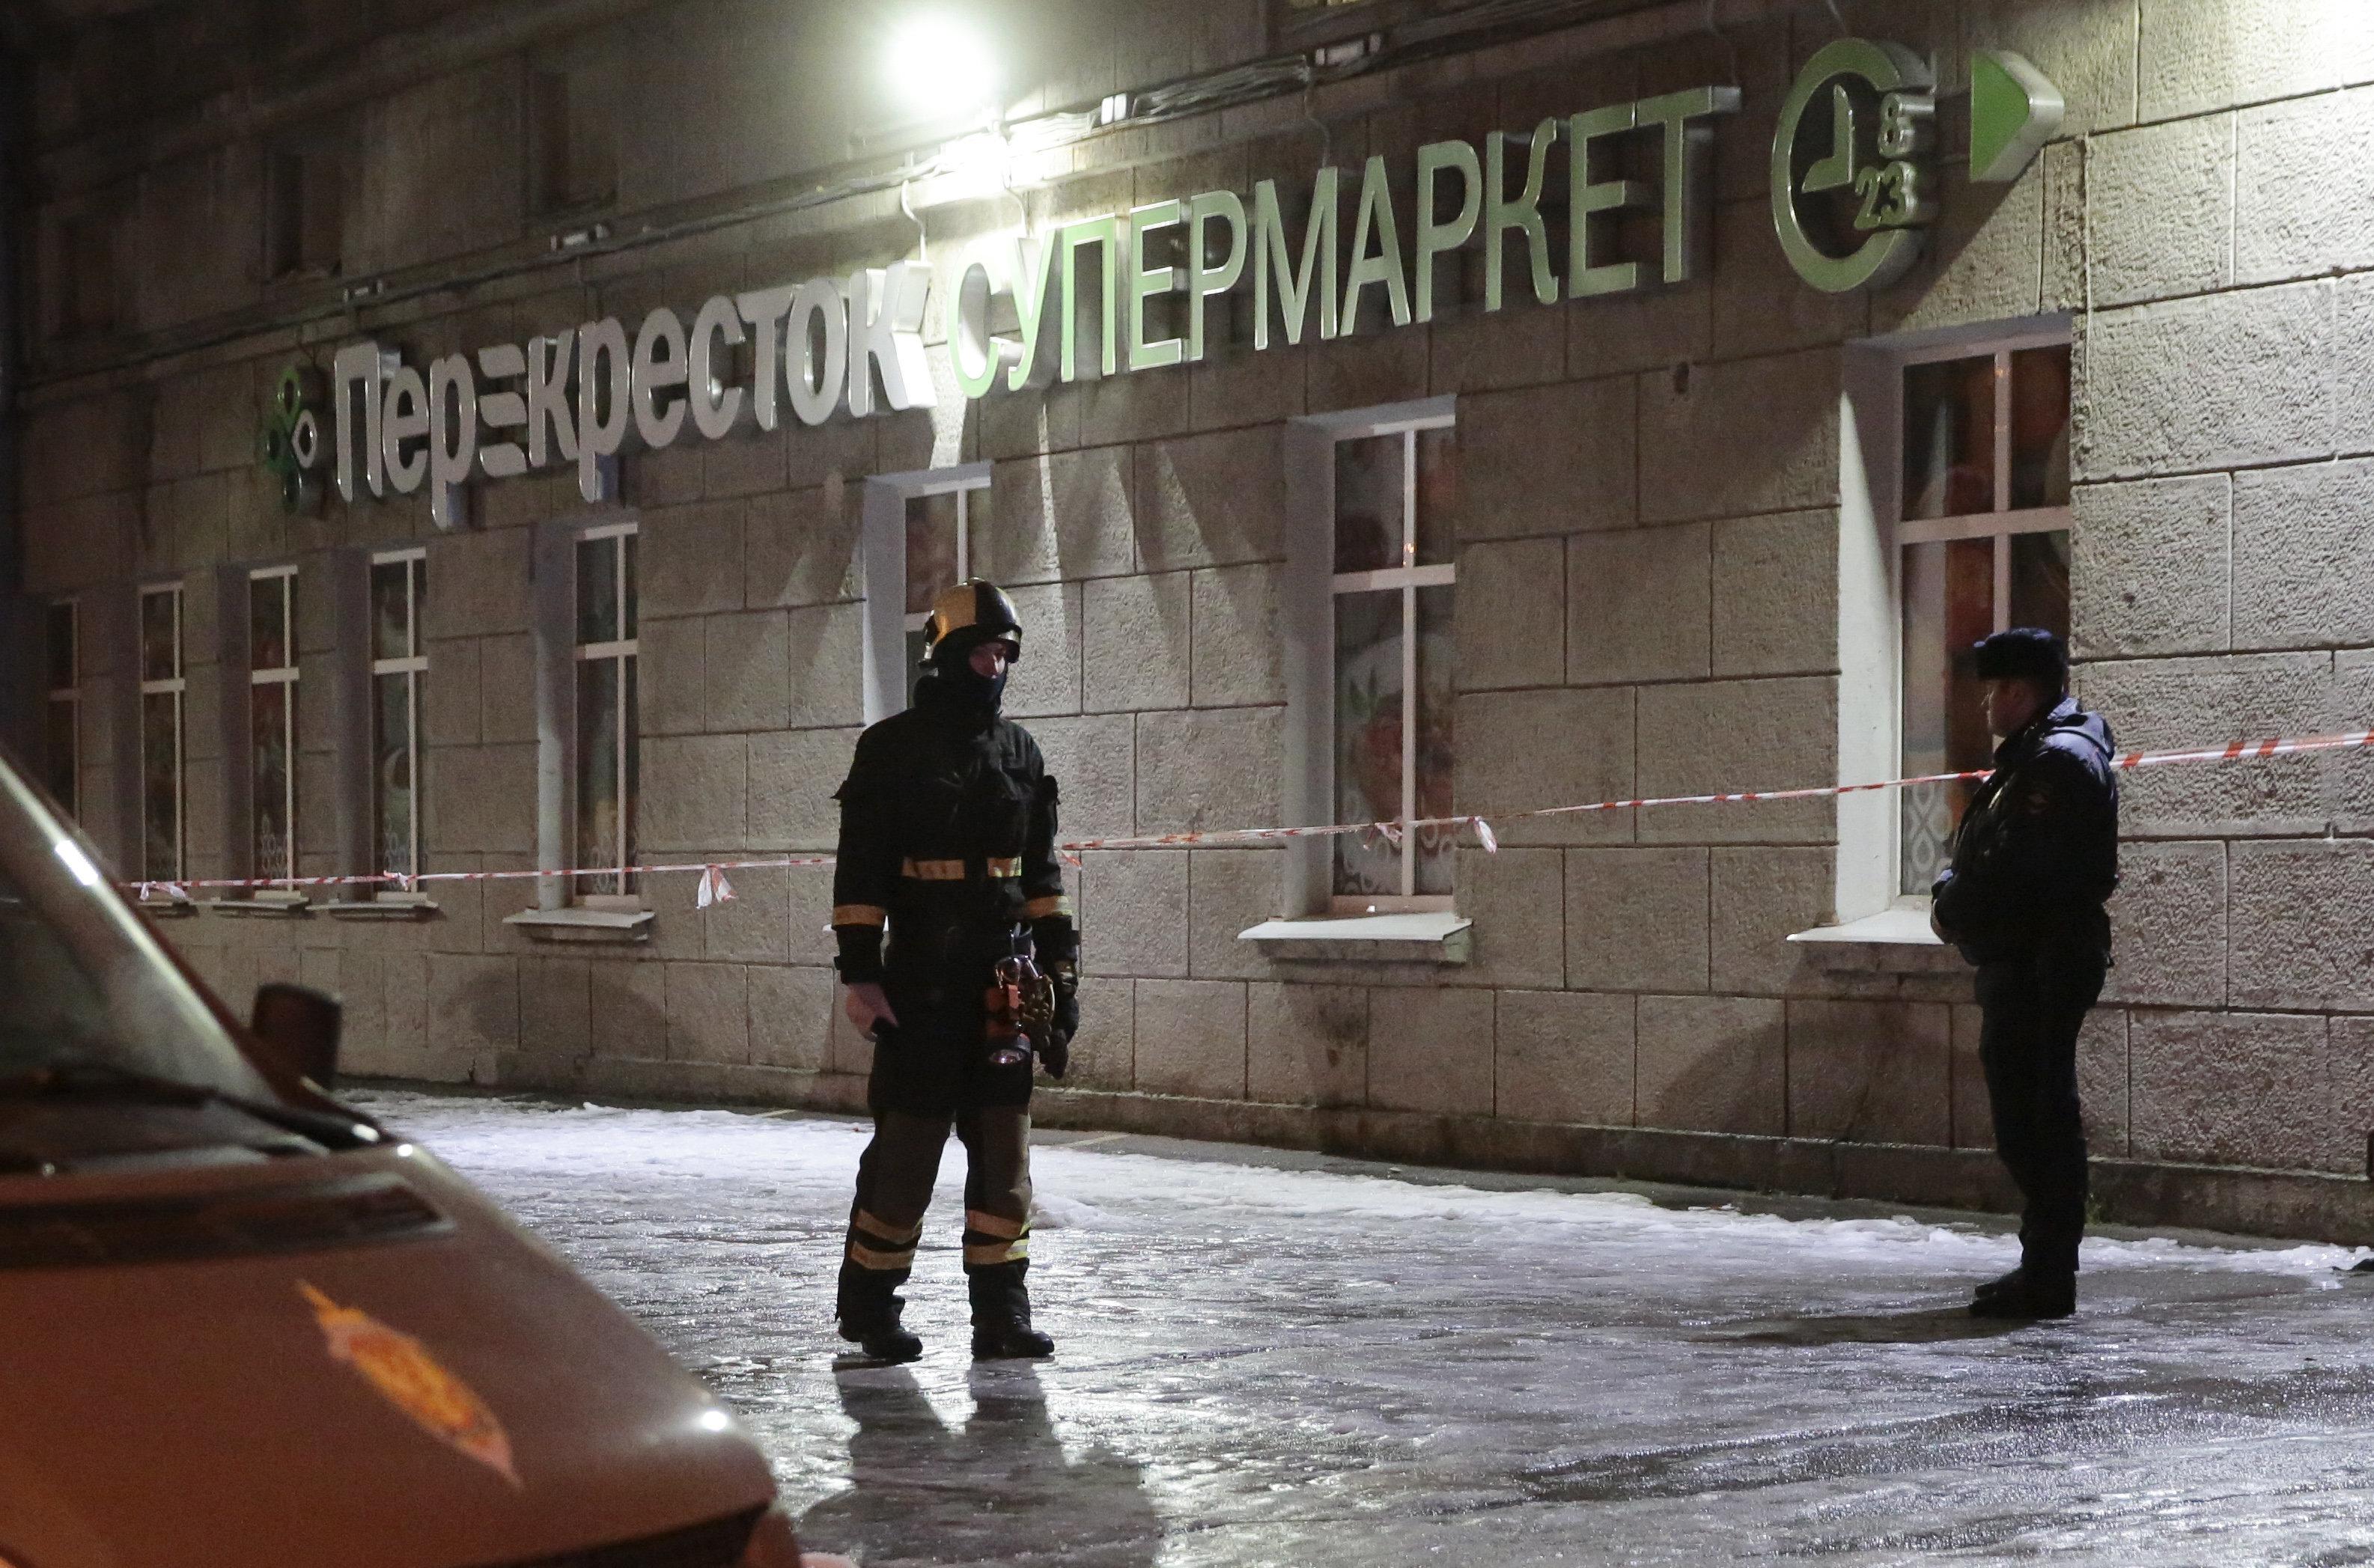 Πούτιν: Τρομοκρατική ενέργεια η έκρηξη αυτοσχέδιου μηχανισμού σε σουπερμάρκετ στην Αγία